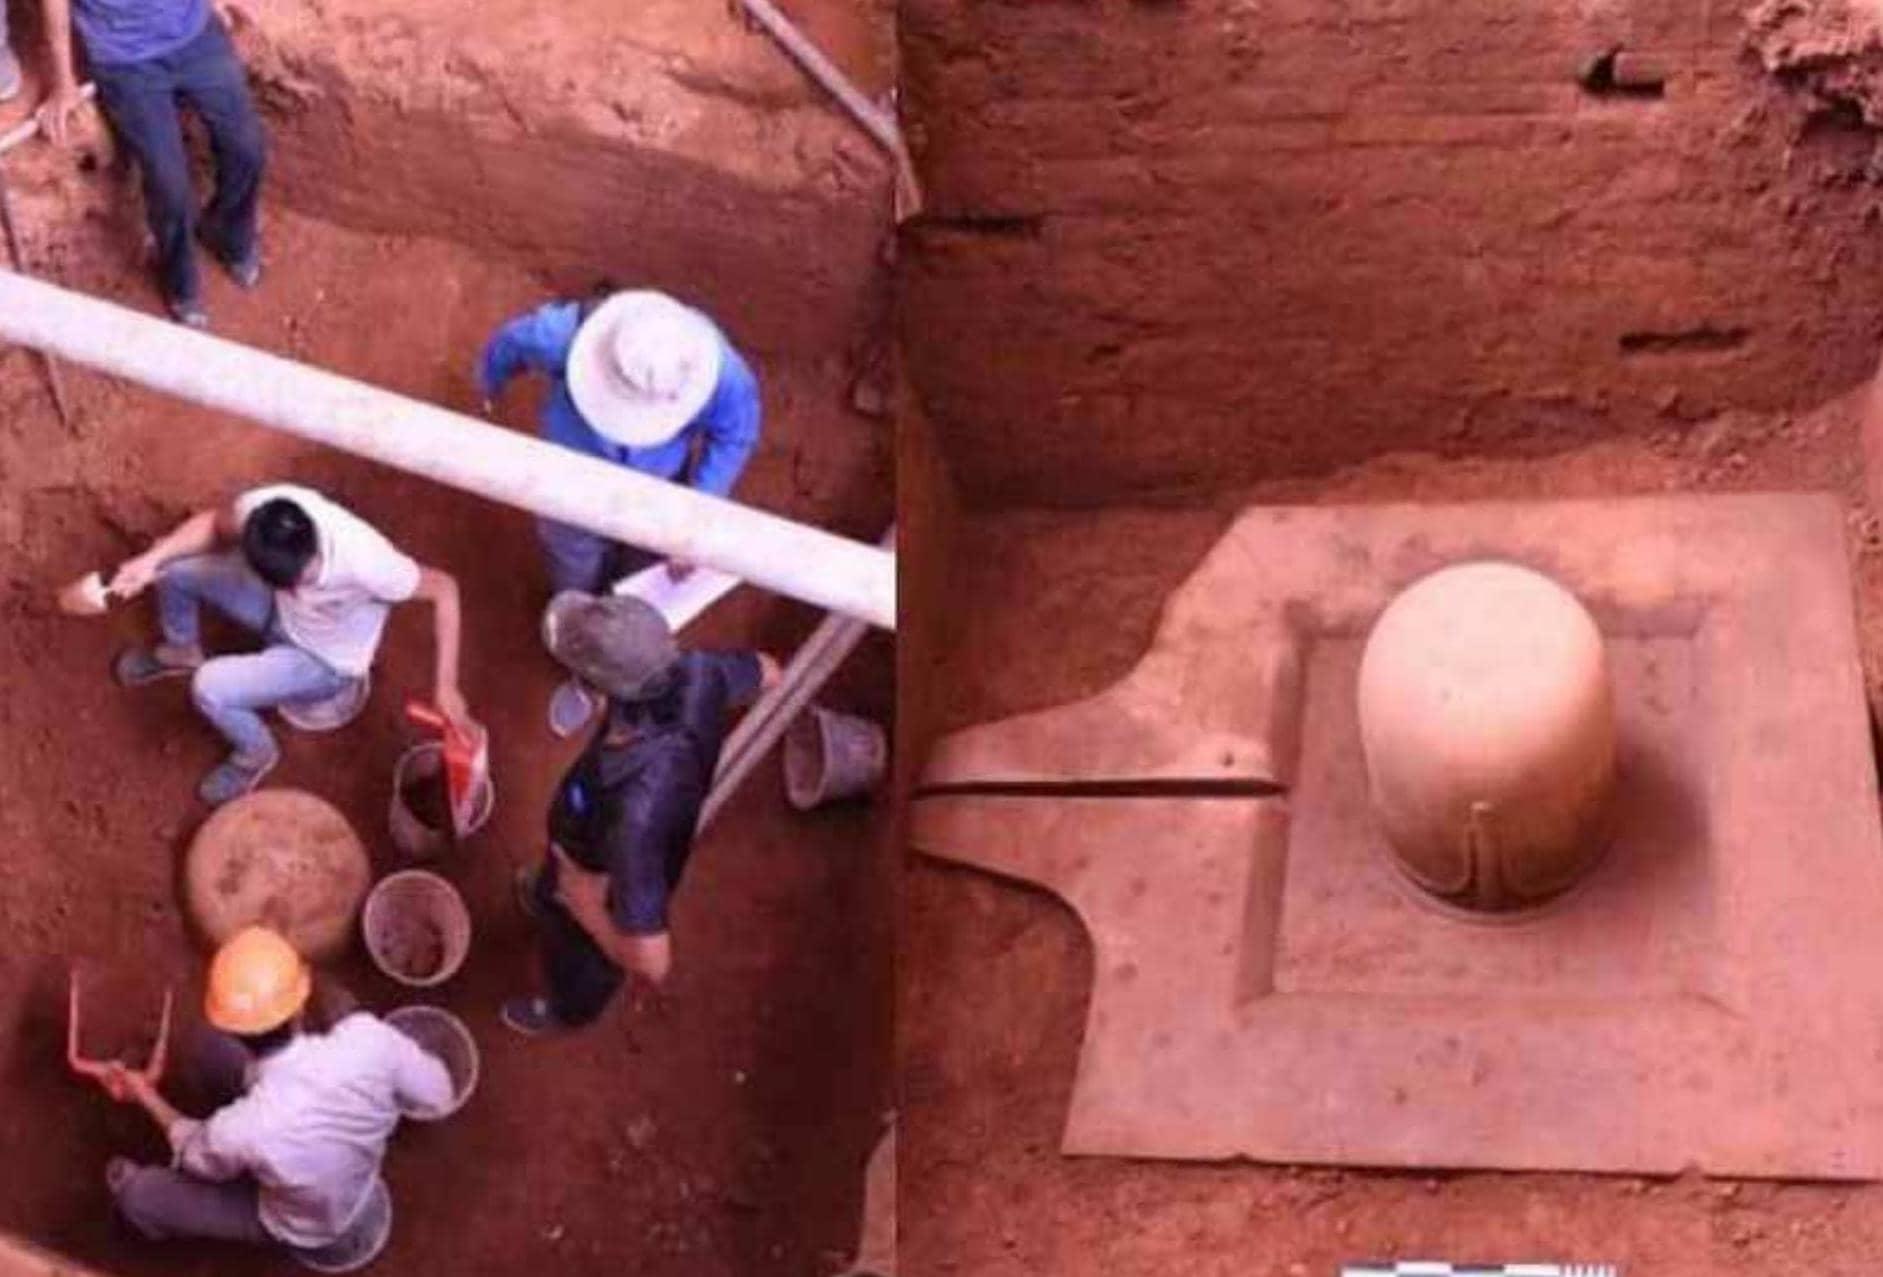 வியட்நாமில் 1100 ஆண்டுகள் பழமையான சிவலிங்கம் கண்டுபிடிப்பு